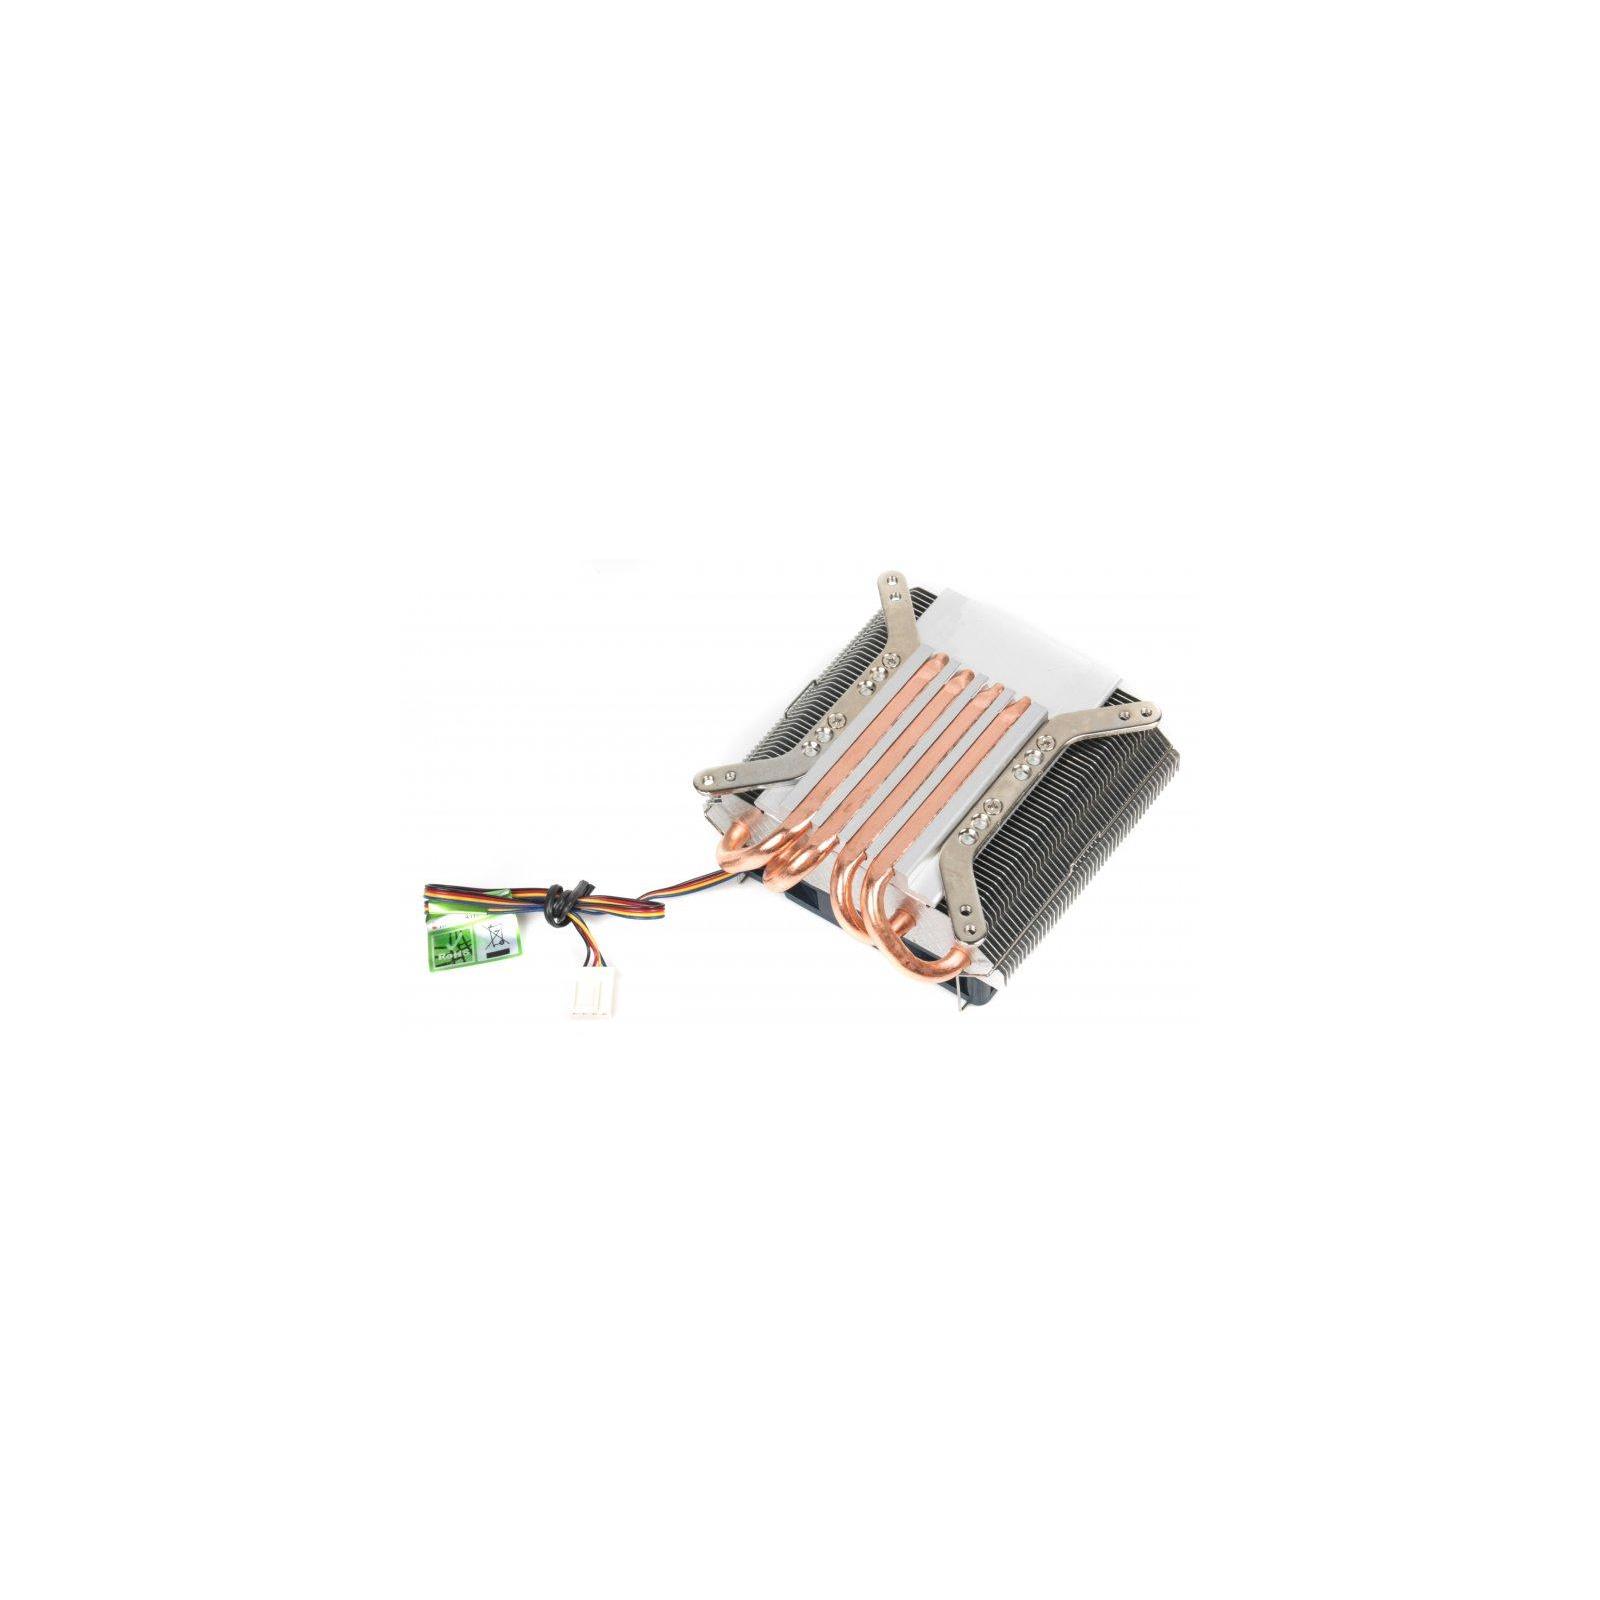 Кулер для процессора Titan TTC-NC25TZ/PW/V2(RB) изображение 2